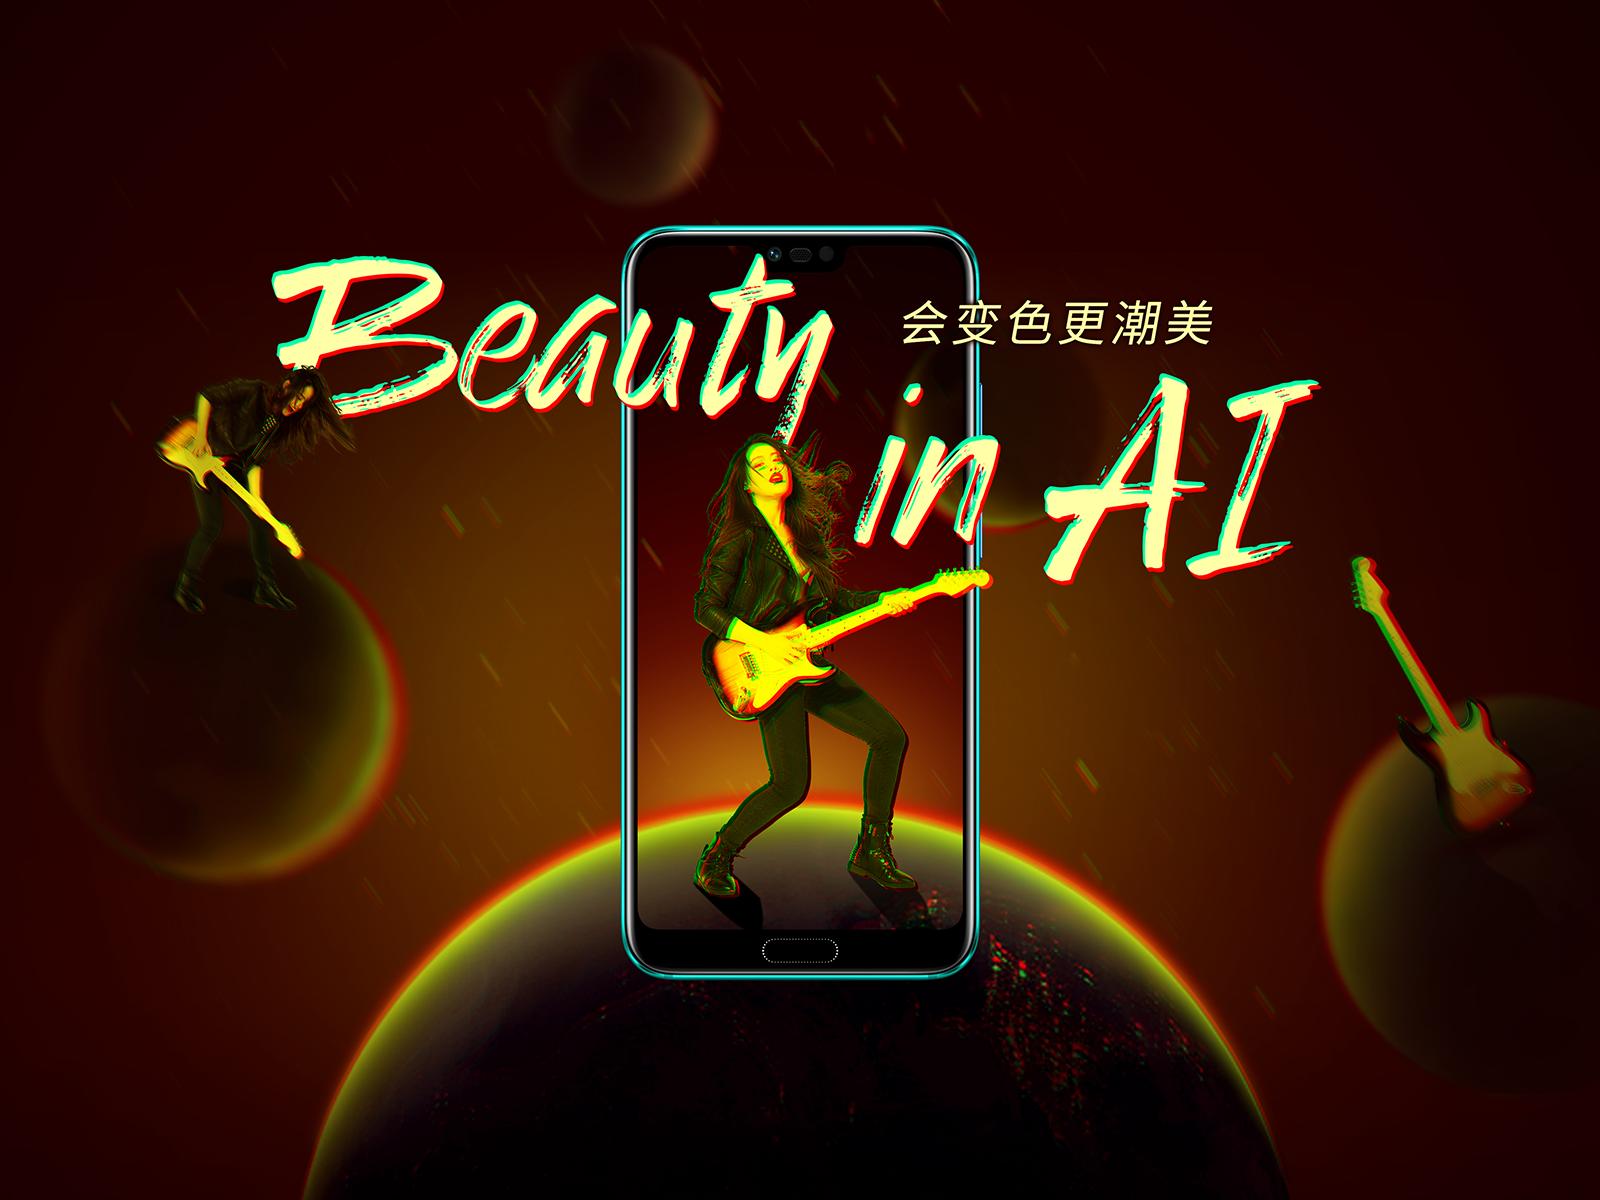 Beautiful in ai 01